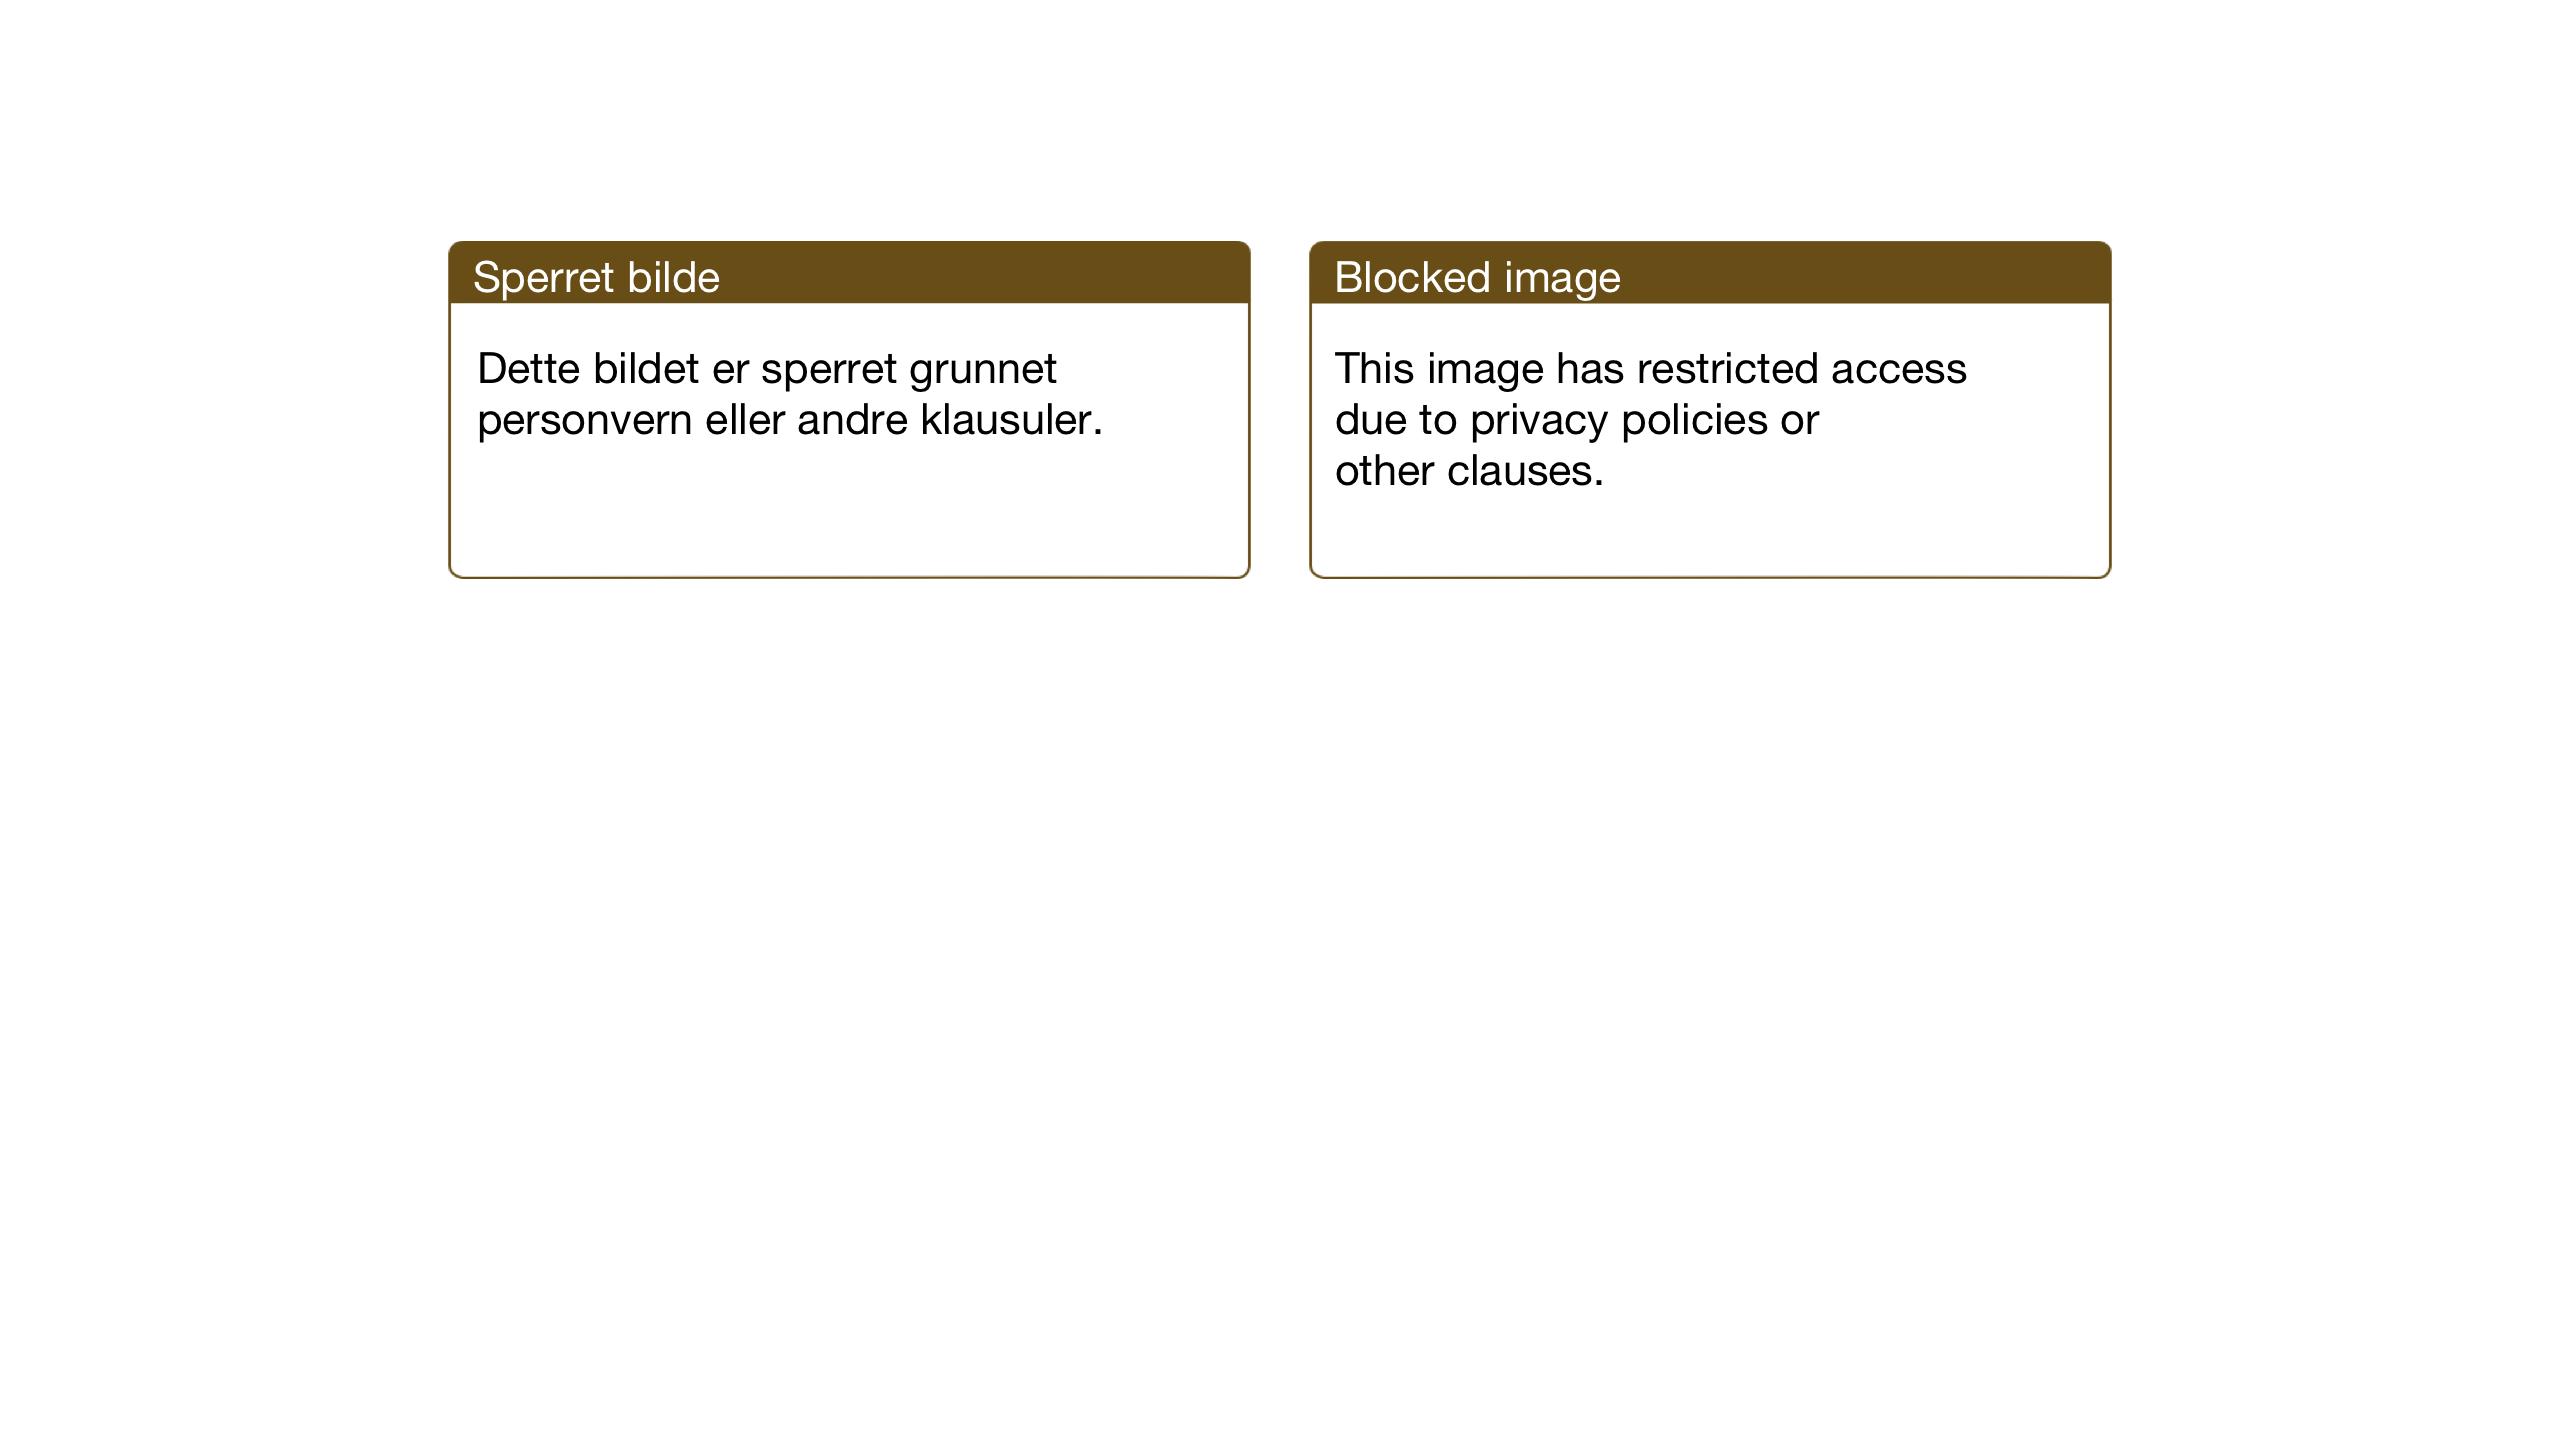 SAT, Ministerialprotokoller, klokkerbøker og fødselsregistre - Nord-Trøndelag, 722/L0227: Klokkerbok nr. 722C03, 1928-1958, s. 39